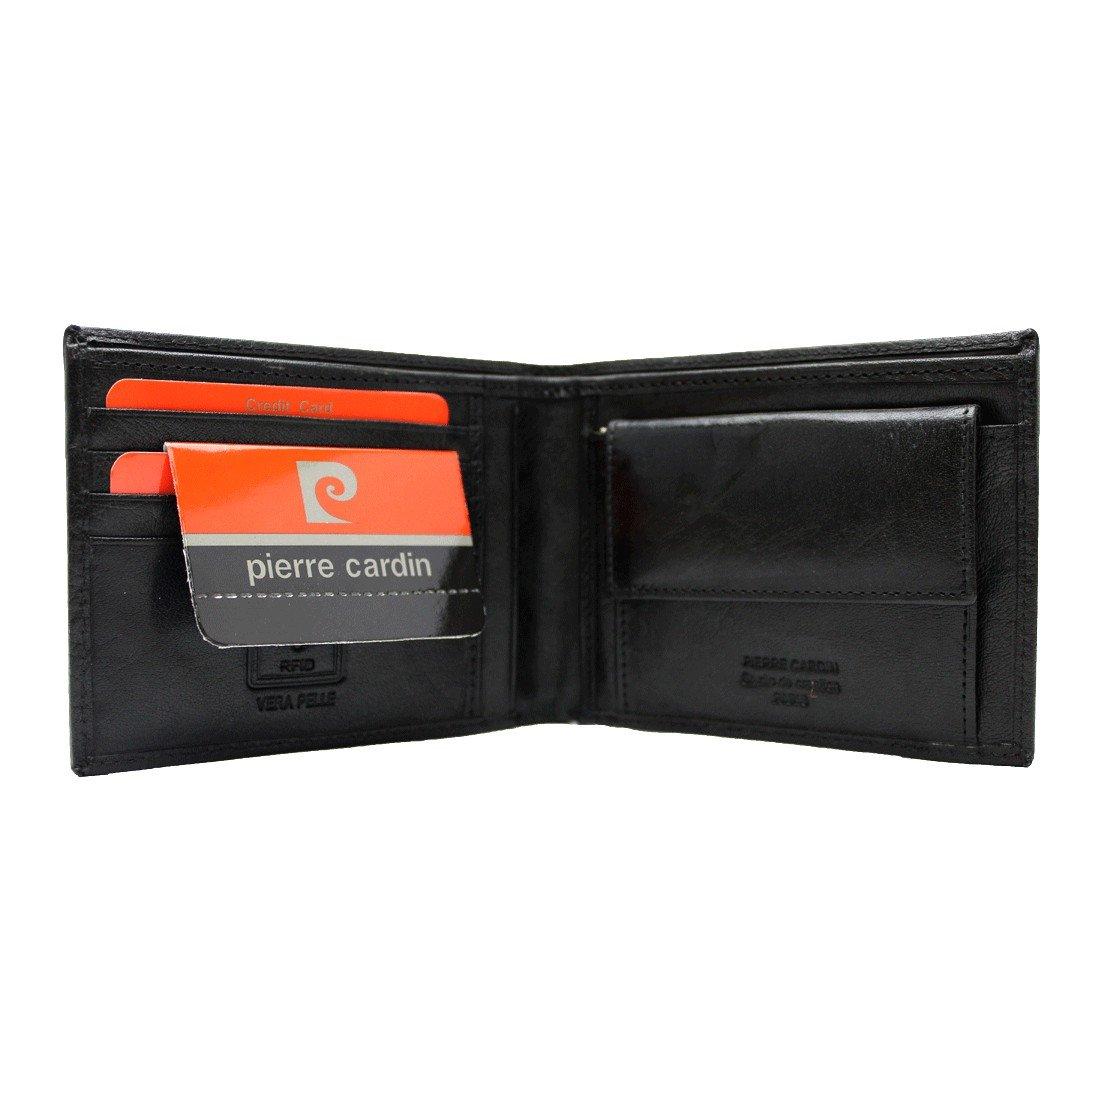 Mini cartera hombre Pierre Cardin negro cuero TILAK12 8805: Amazon.es: Ropa y accesorios